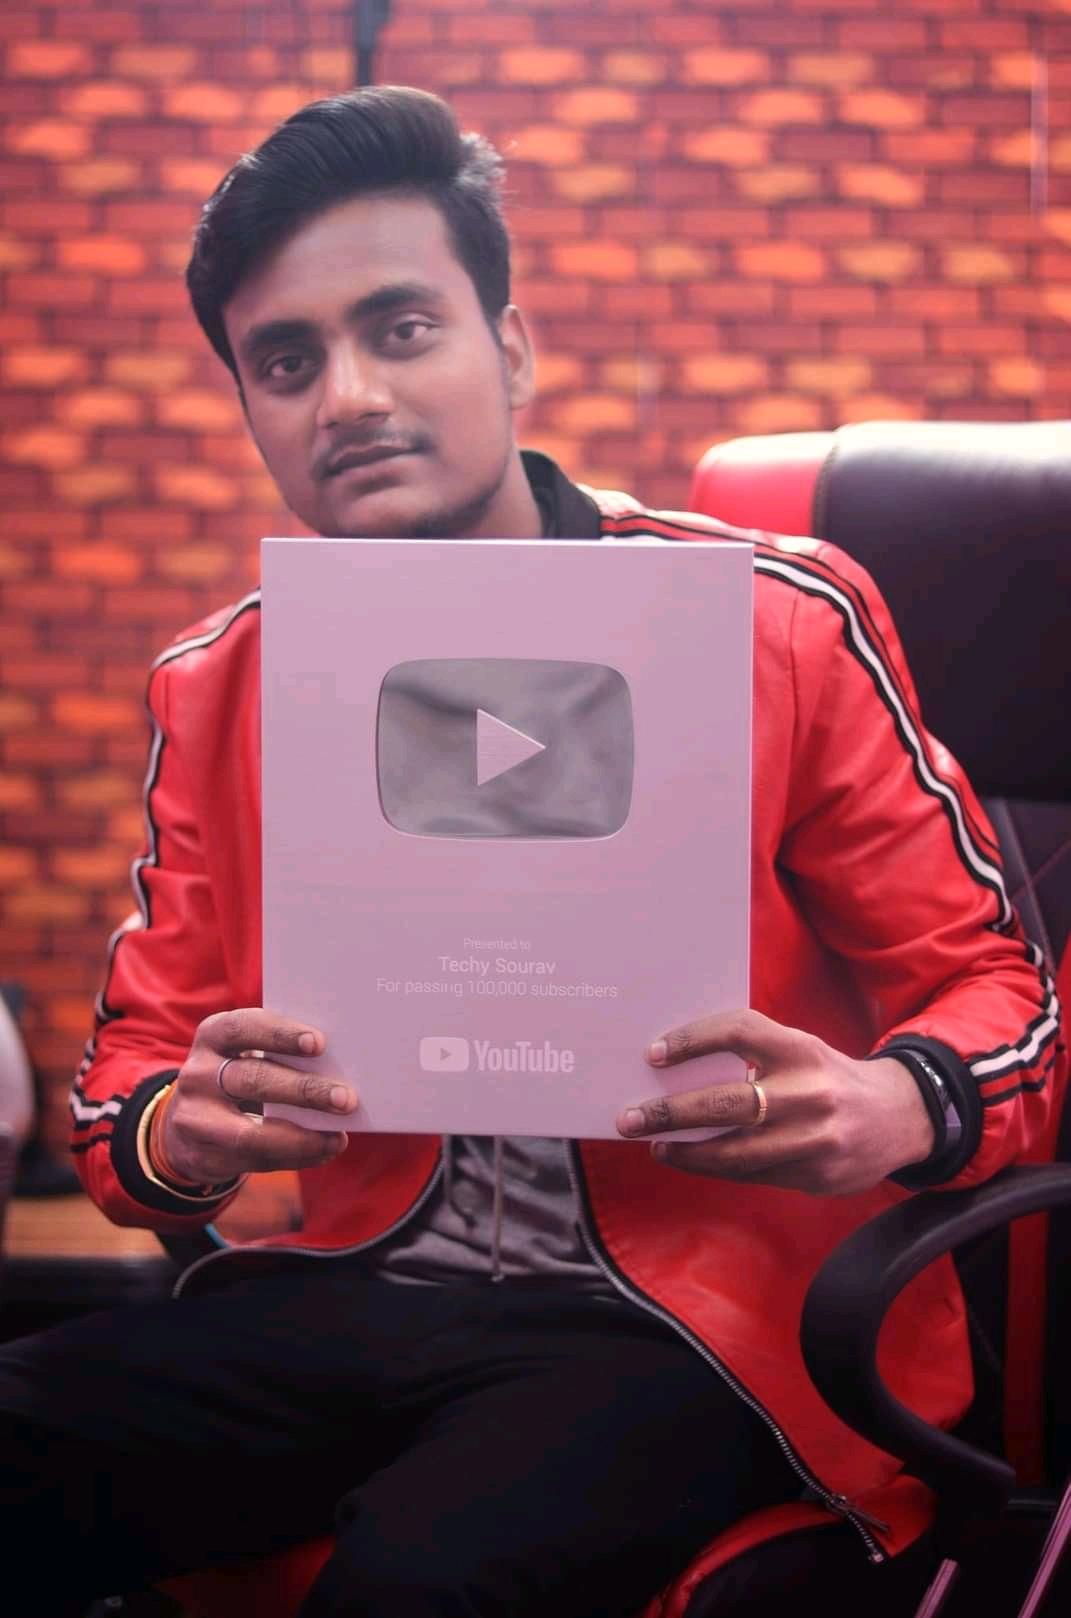 Techy Sourav YouTube Award (Sourav Gorai Biography)